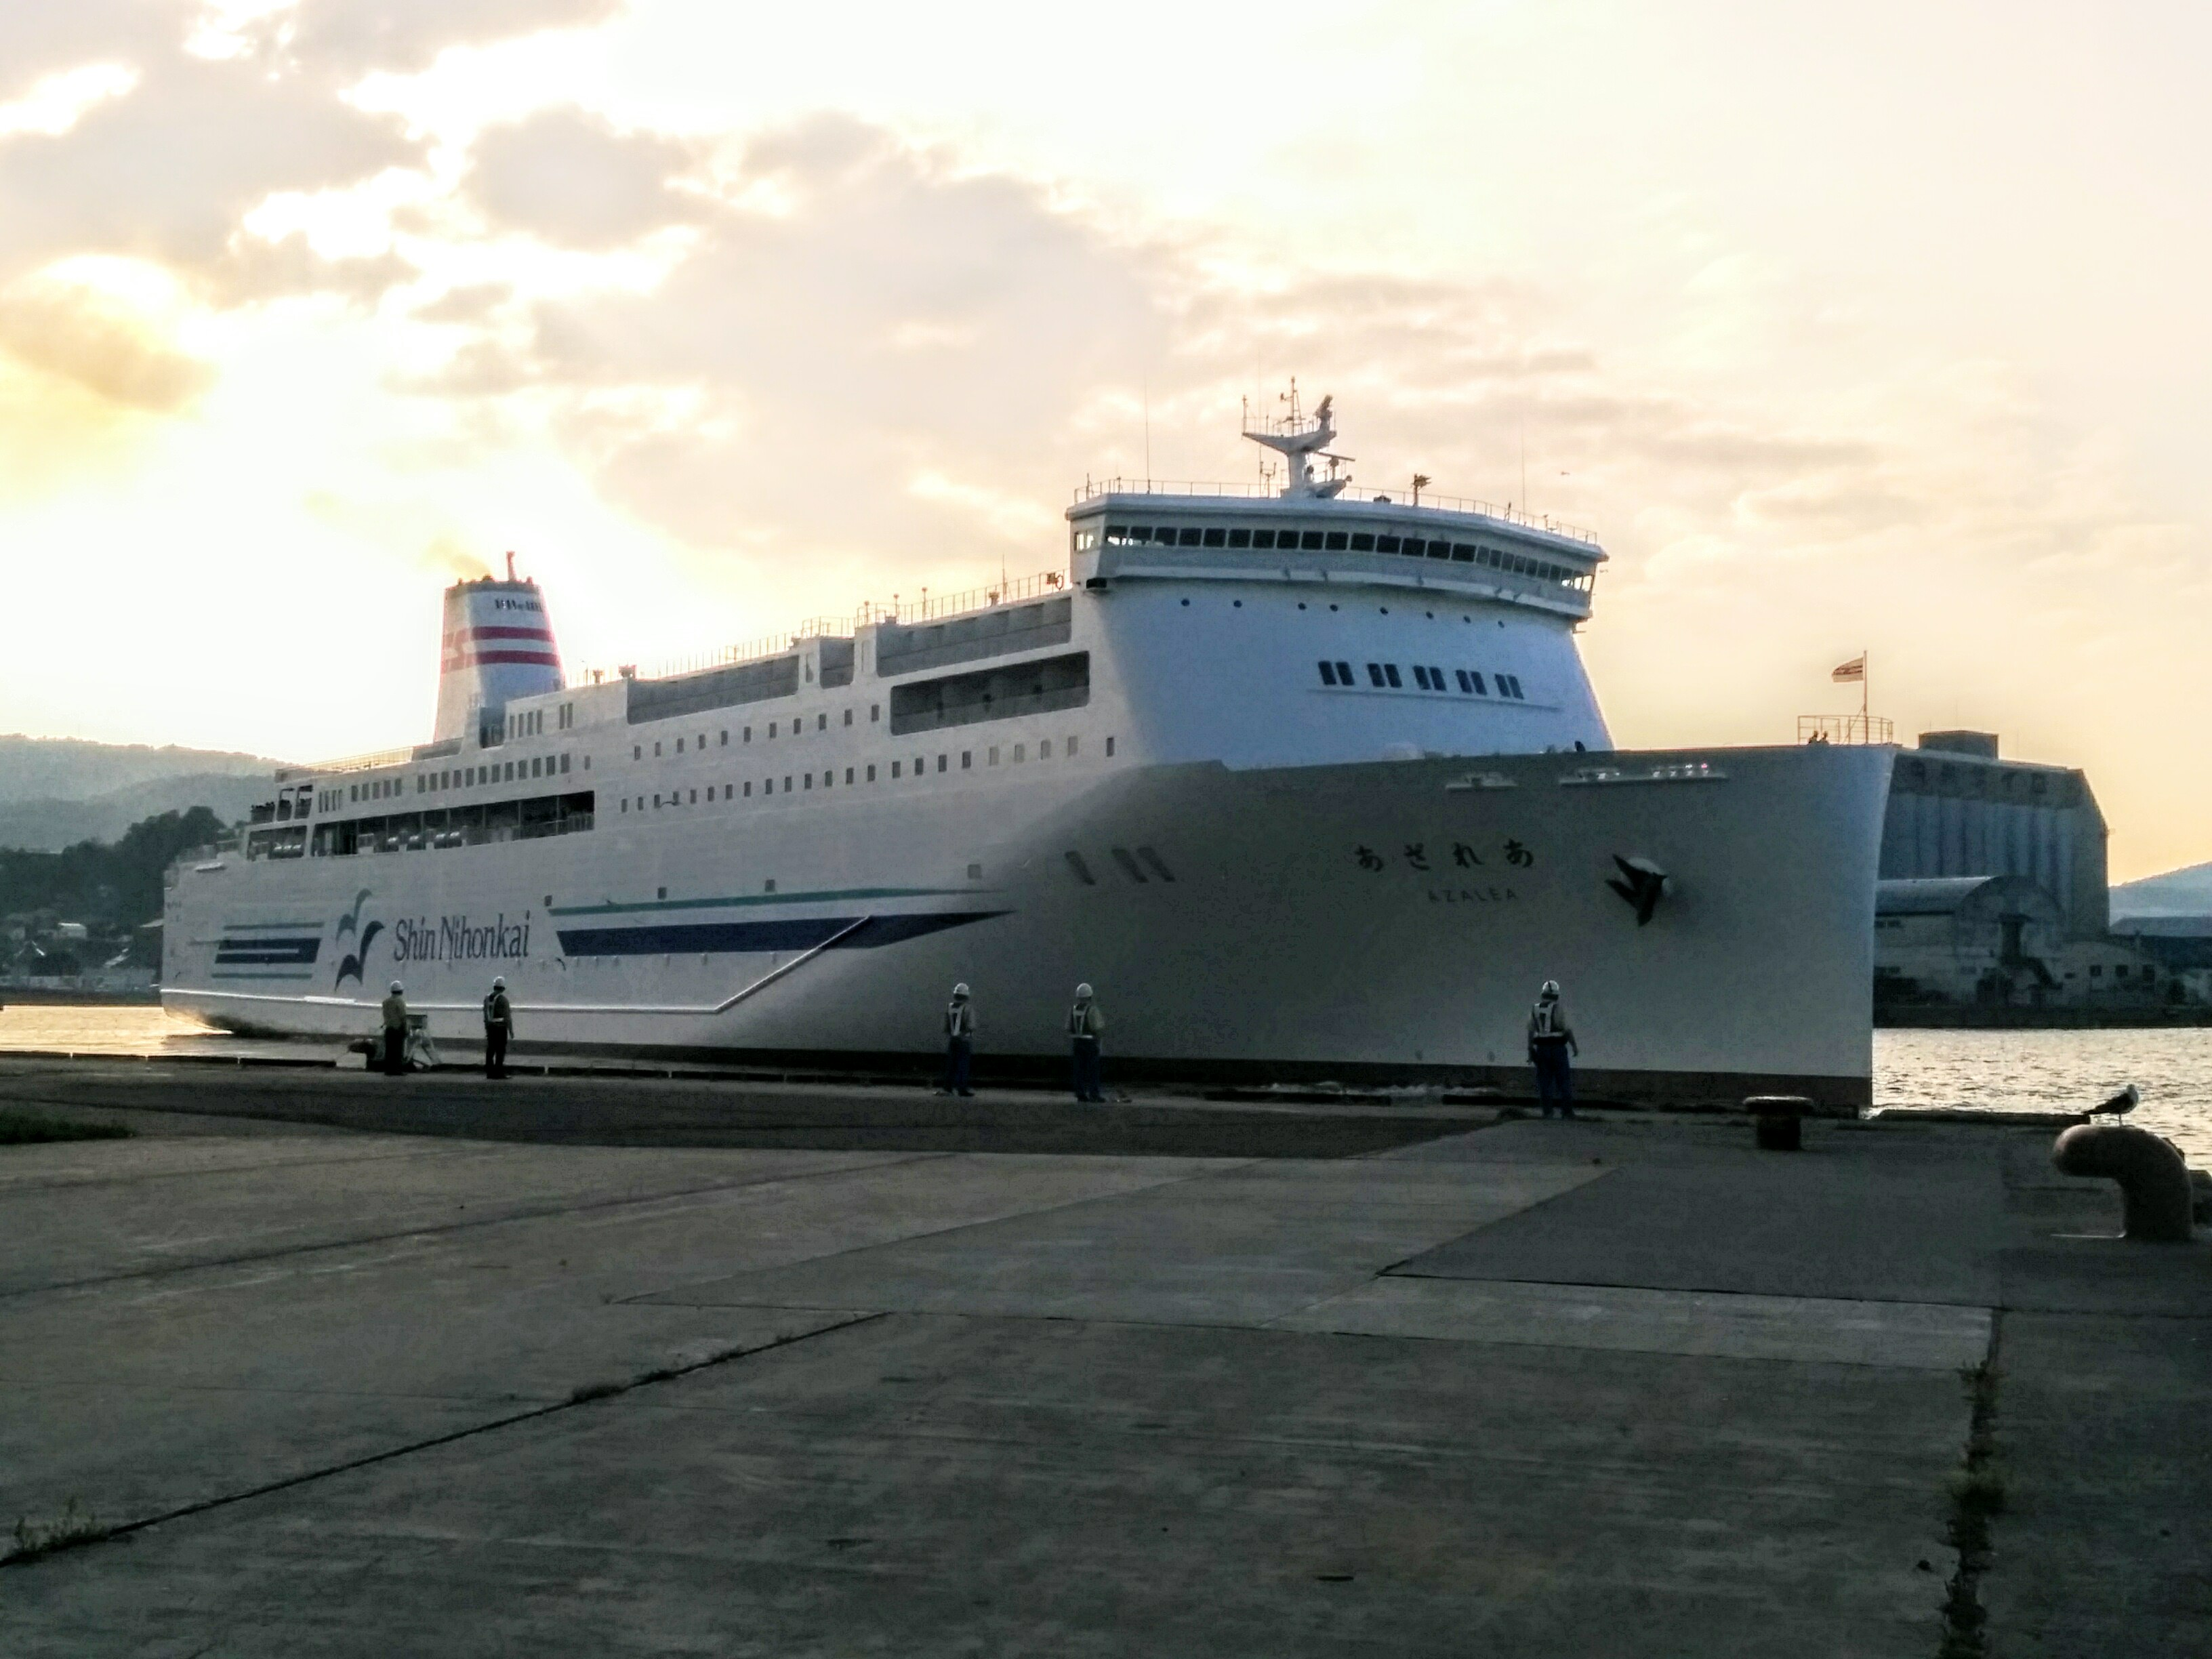 【小樽】小樽港での送迎観光貸切タクシー新日本海フェリーあざれあ観光案内です。